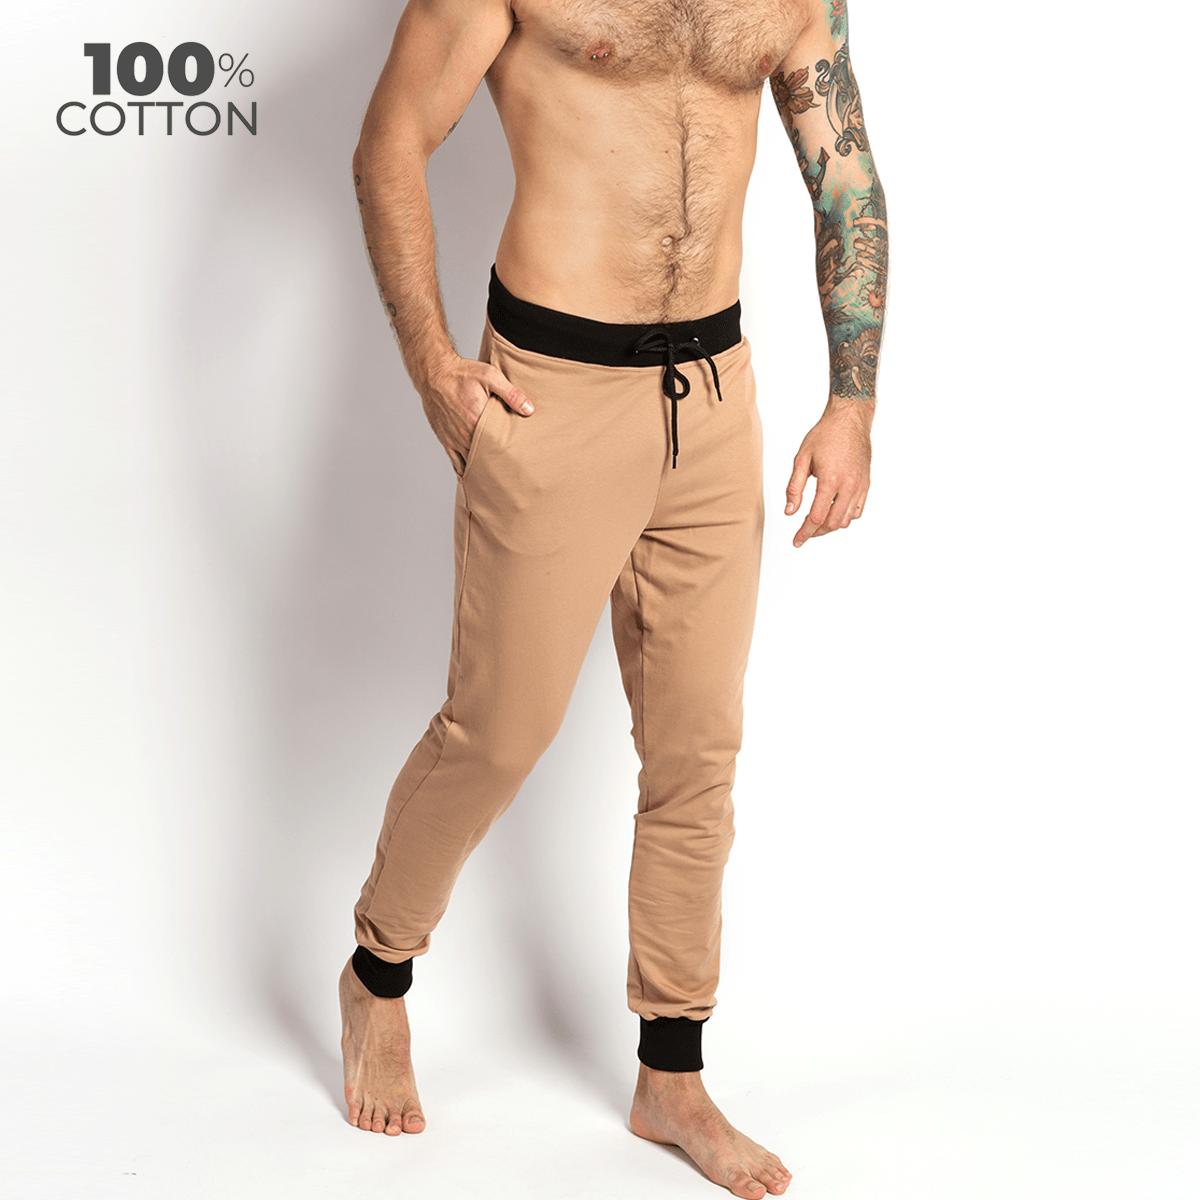 Чоловічі штани для дому та відпочинку Lounge Pants, бежевий